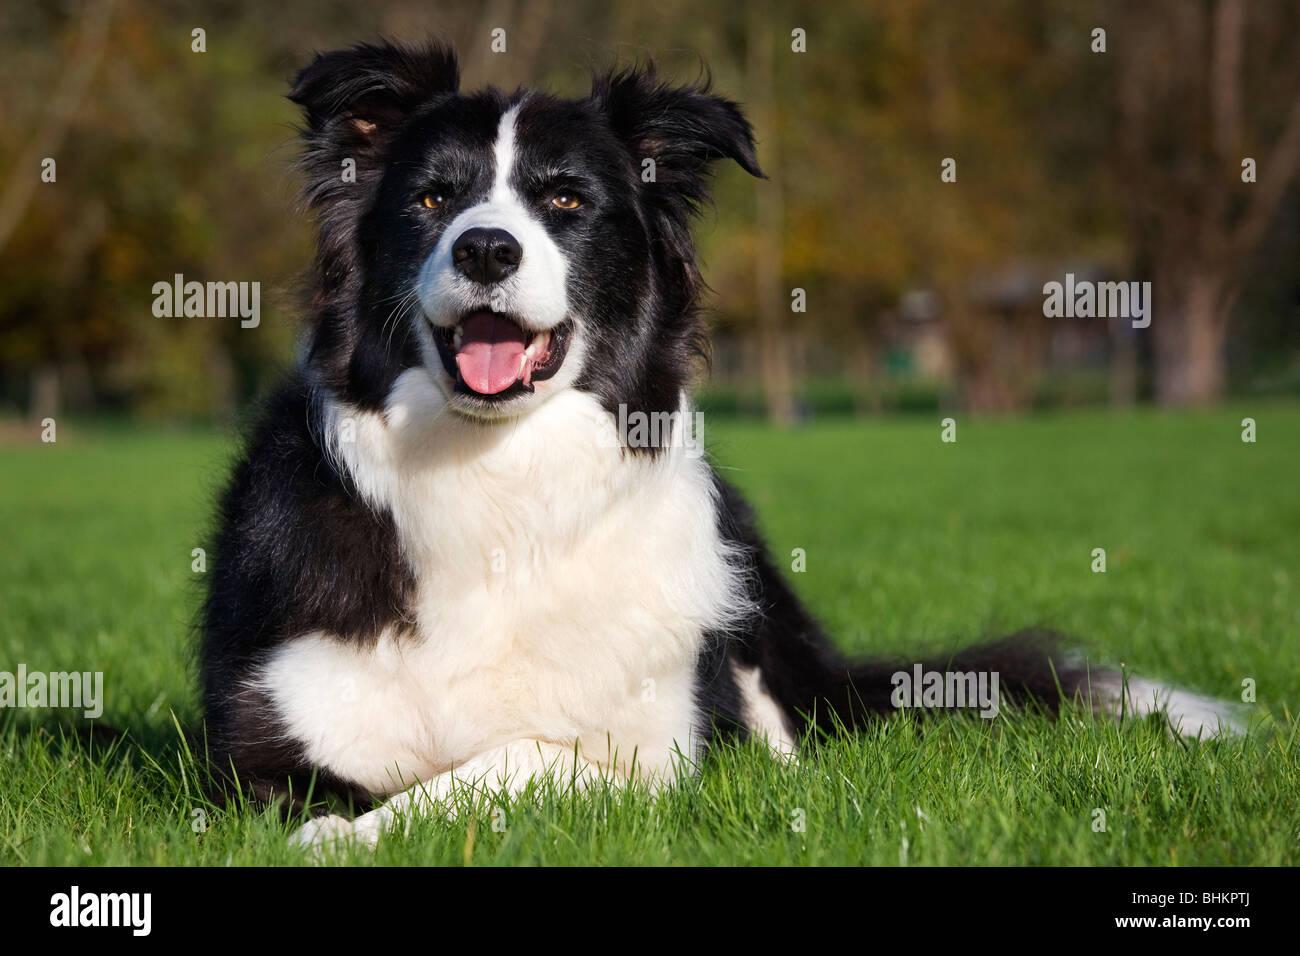 Border Collie (Canis lupus familiaris) in garden - Stock Image